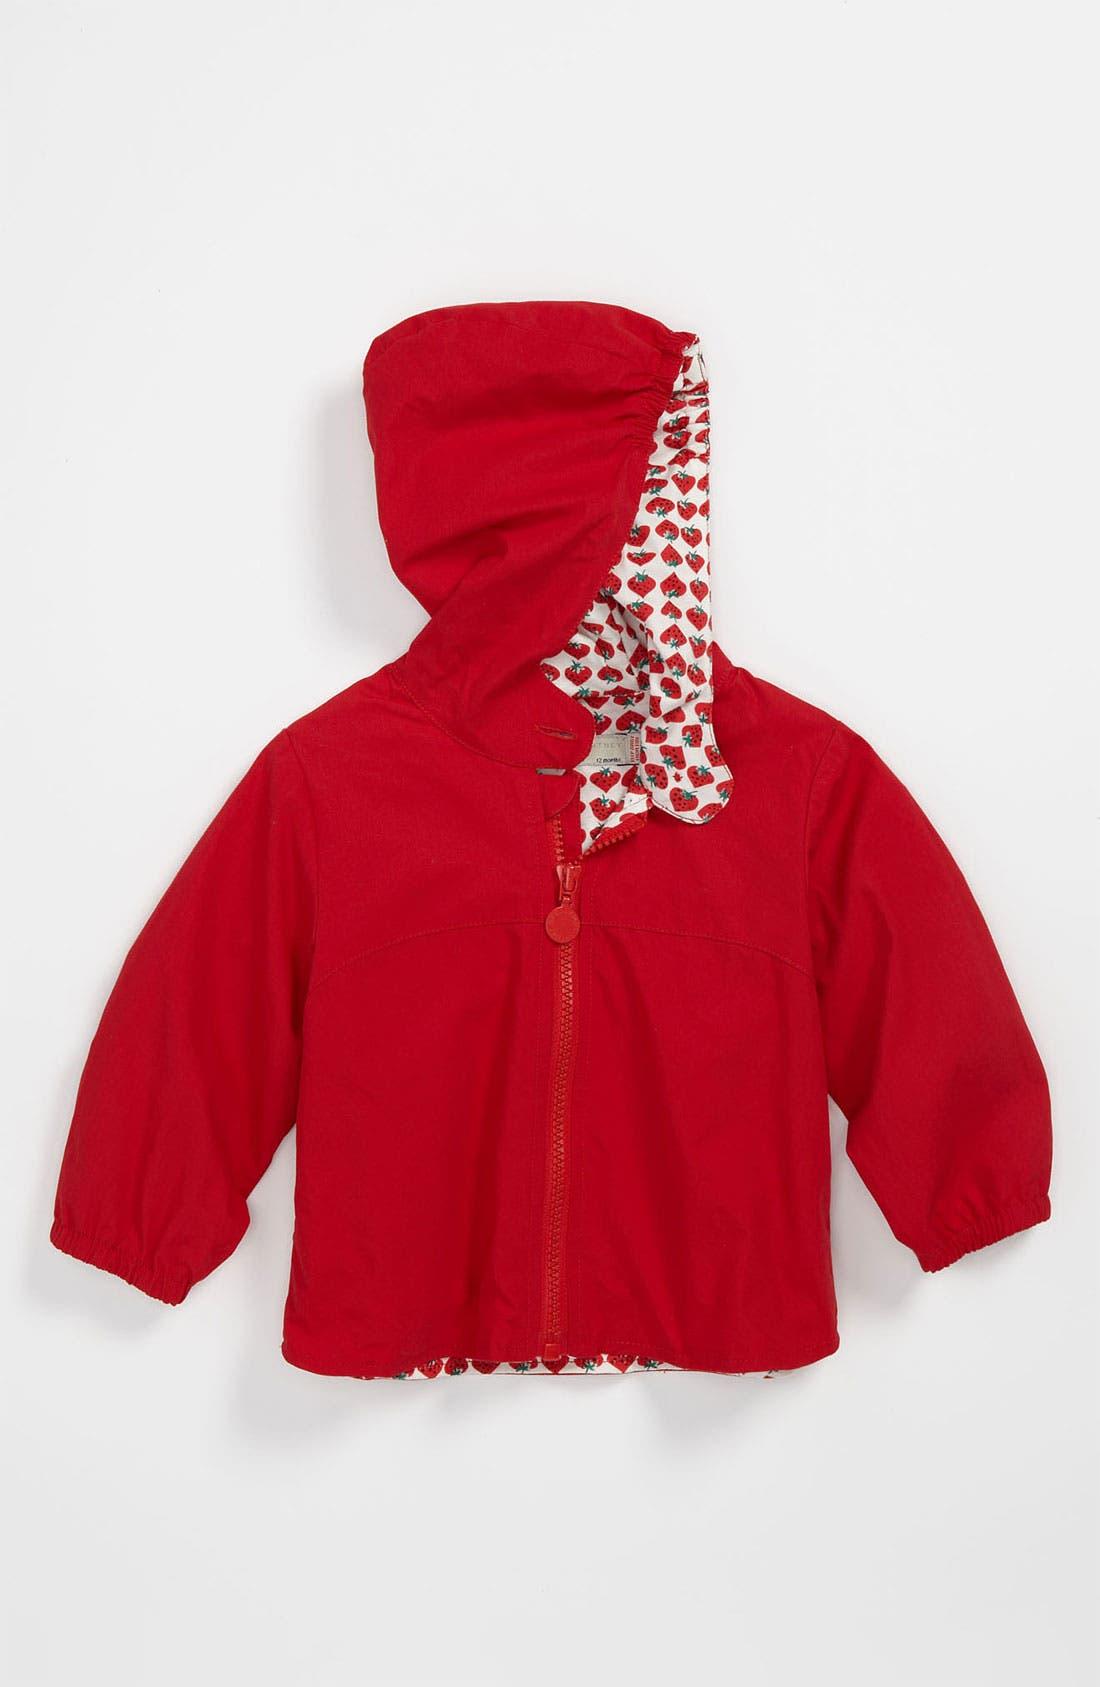 Alternate Image 1 Selected - Stella McCartney Kids 'Duckie' Raincoat (Baby)